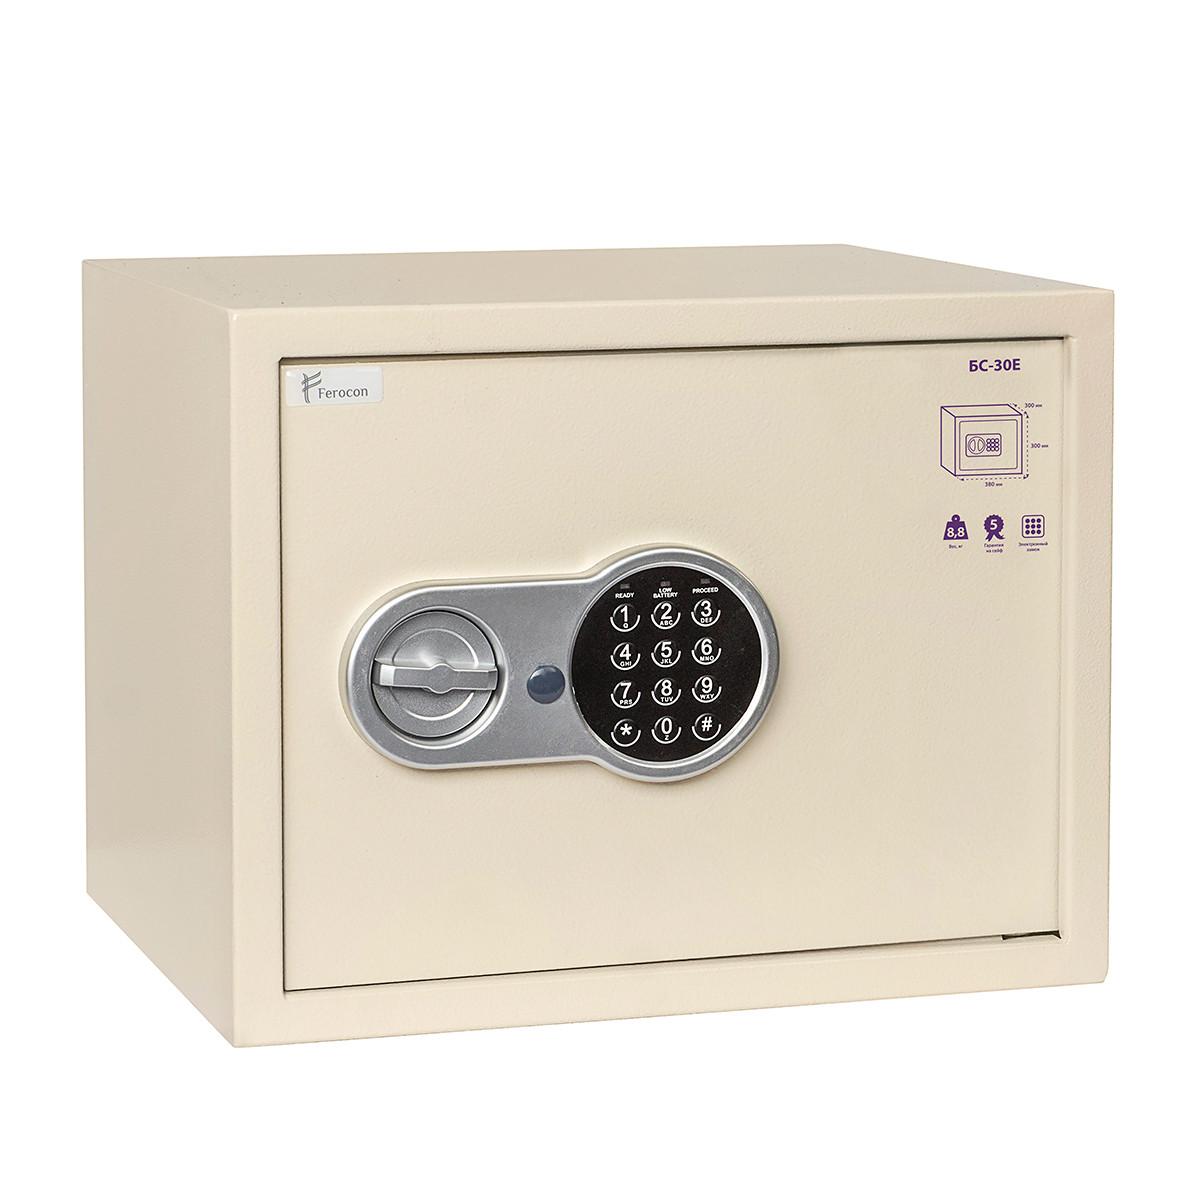 Мебельный сейф Ferocon БС-30Е.П1.1013